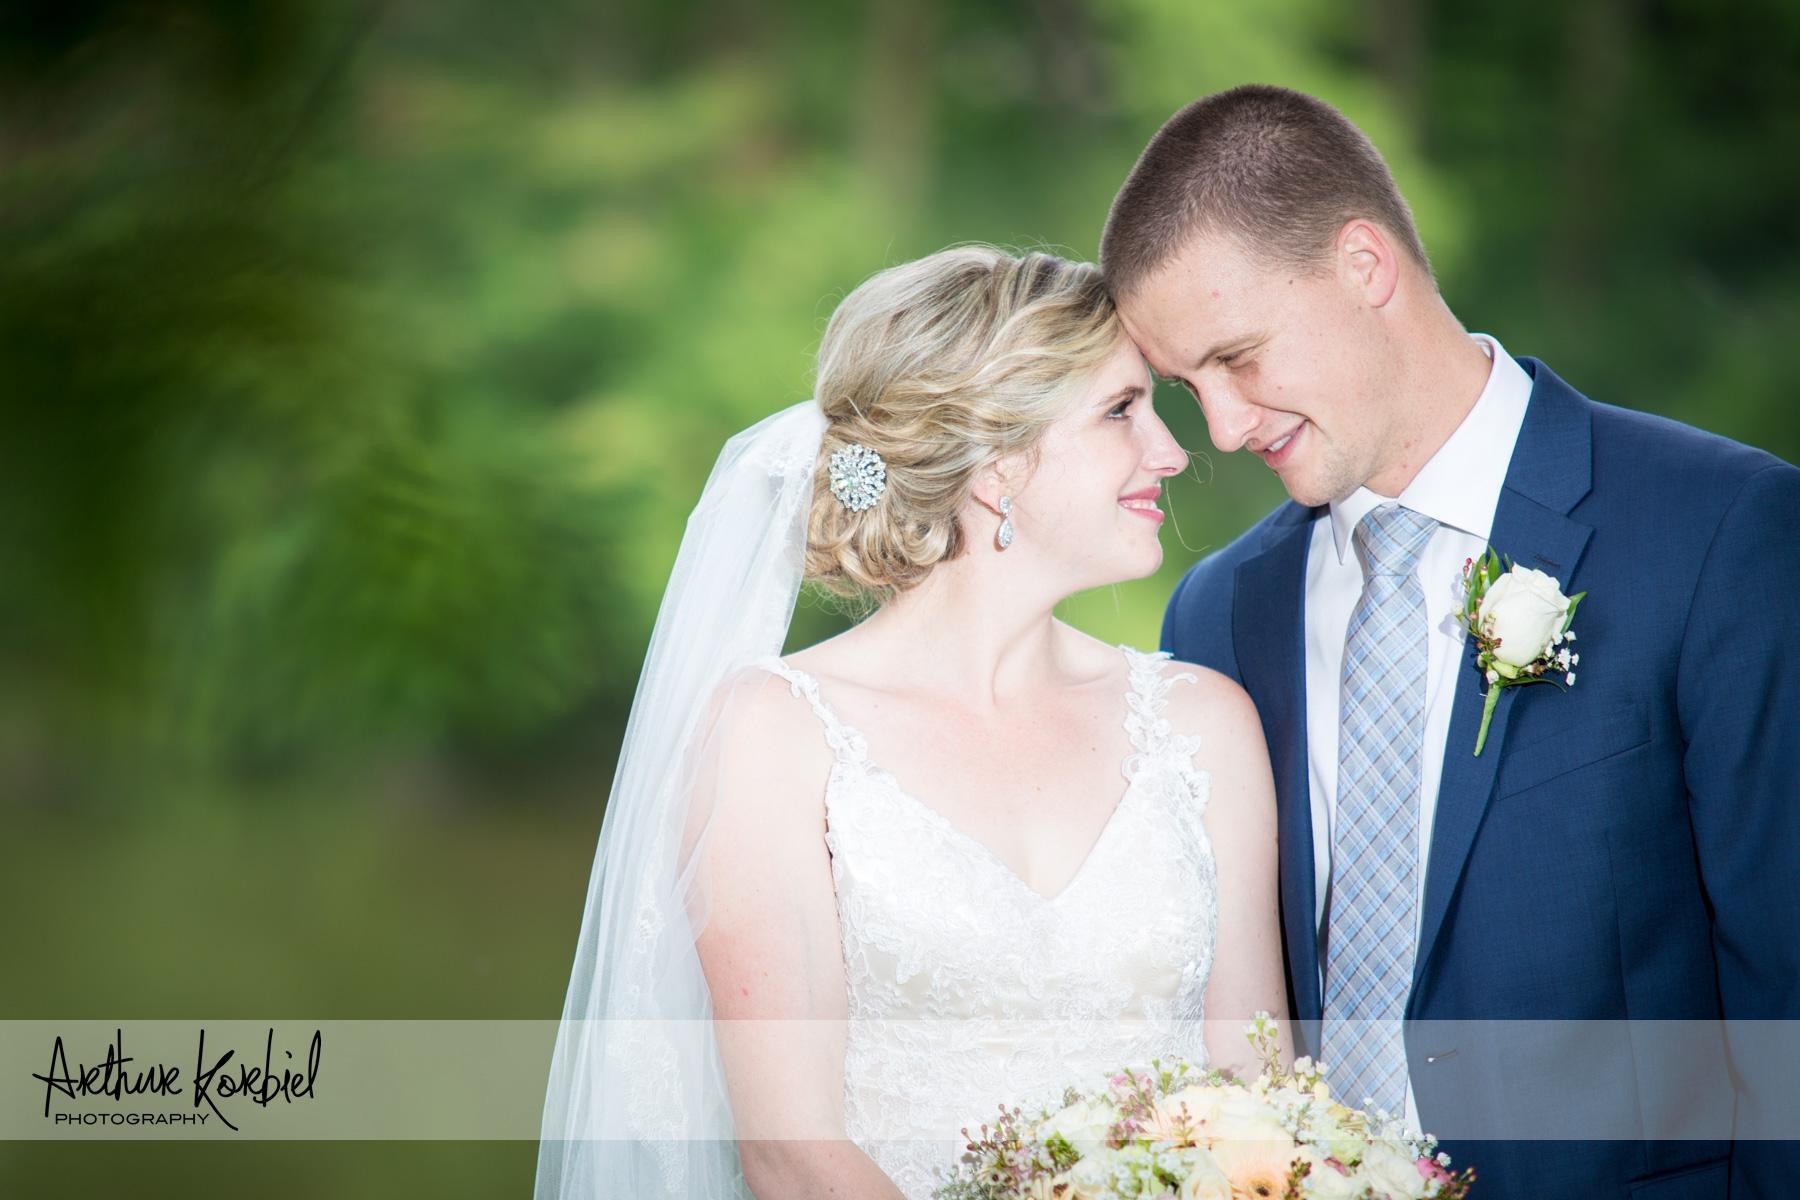 Arthur Korbiel Photography - London Wedding Photographer-036.jpg